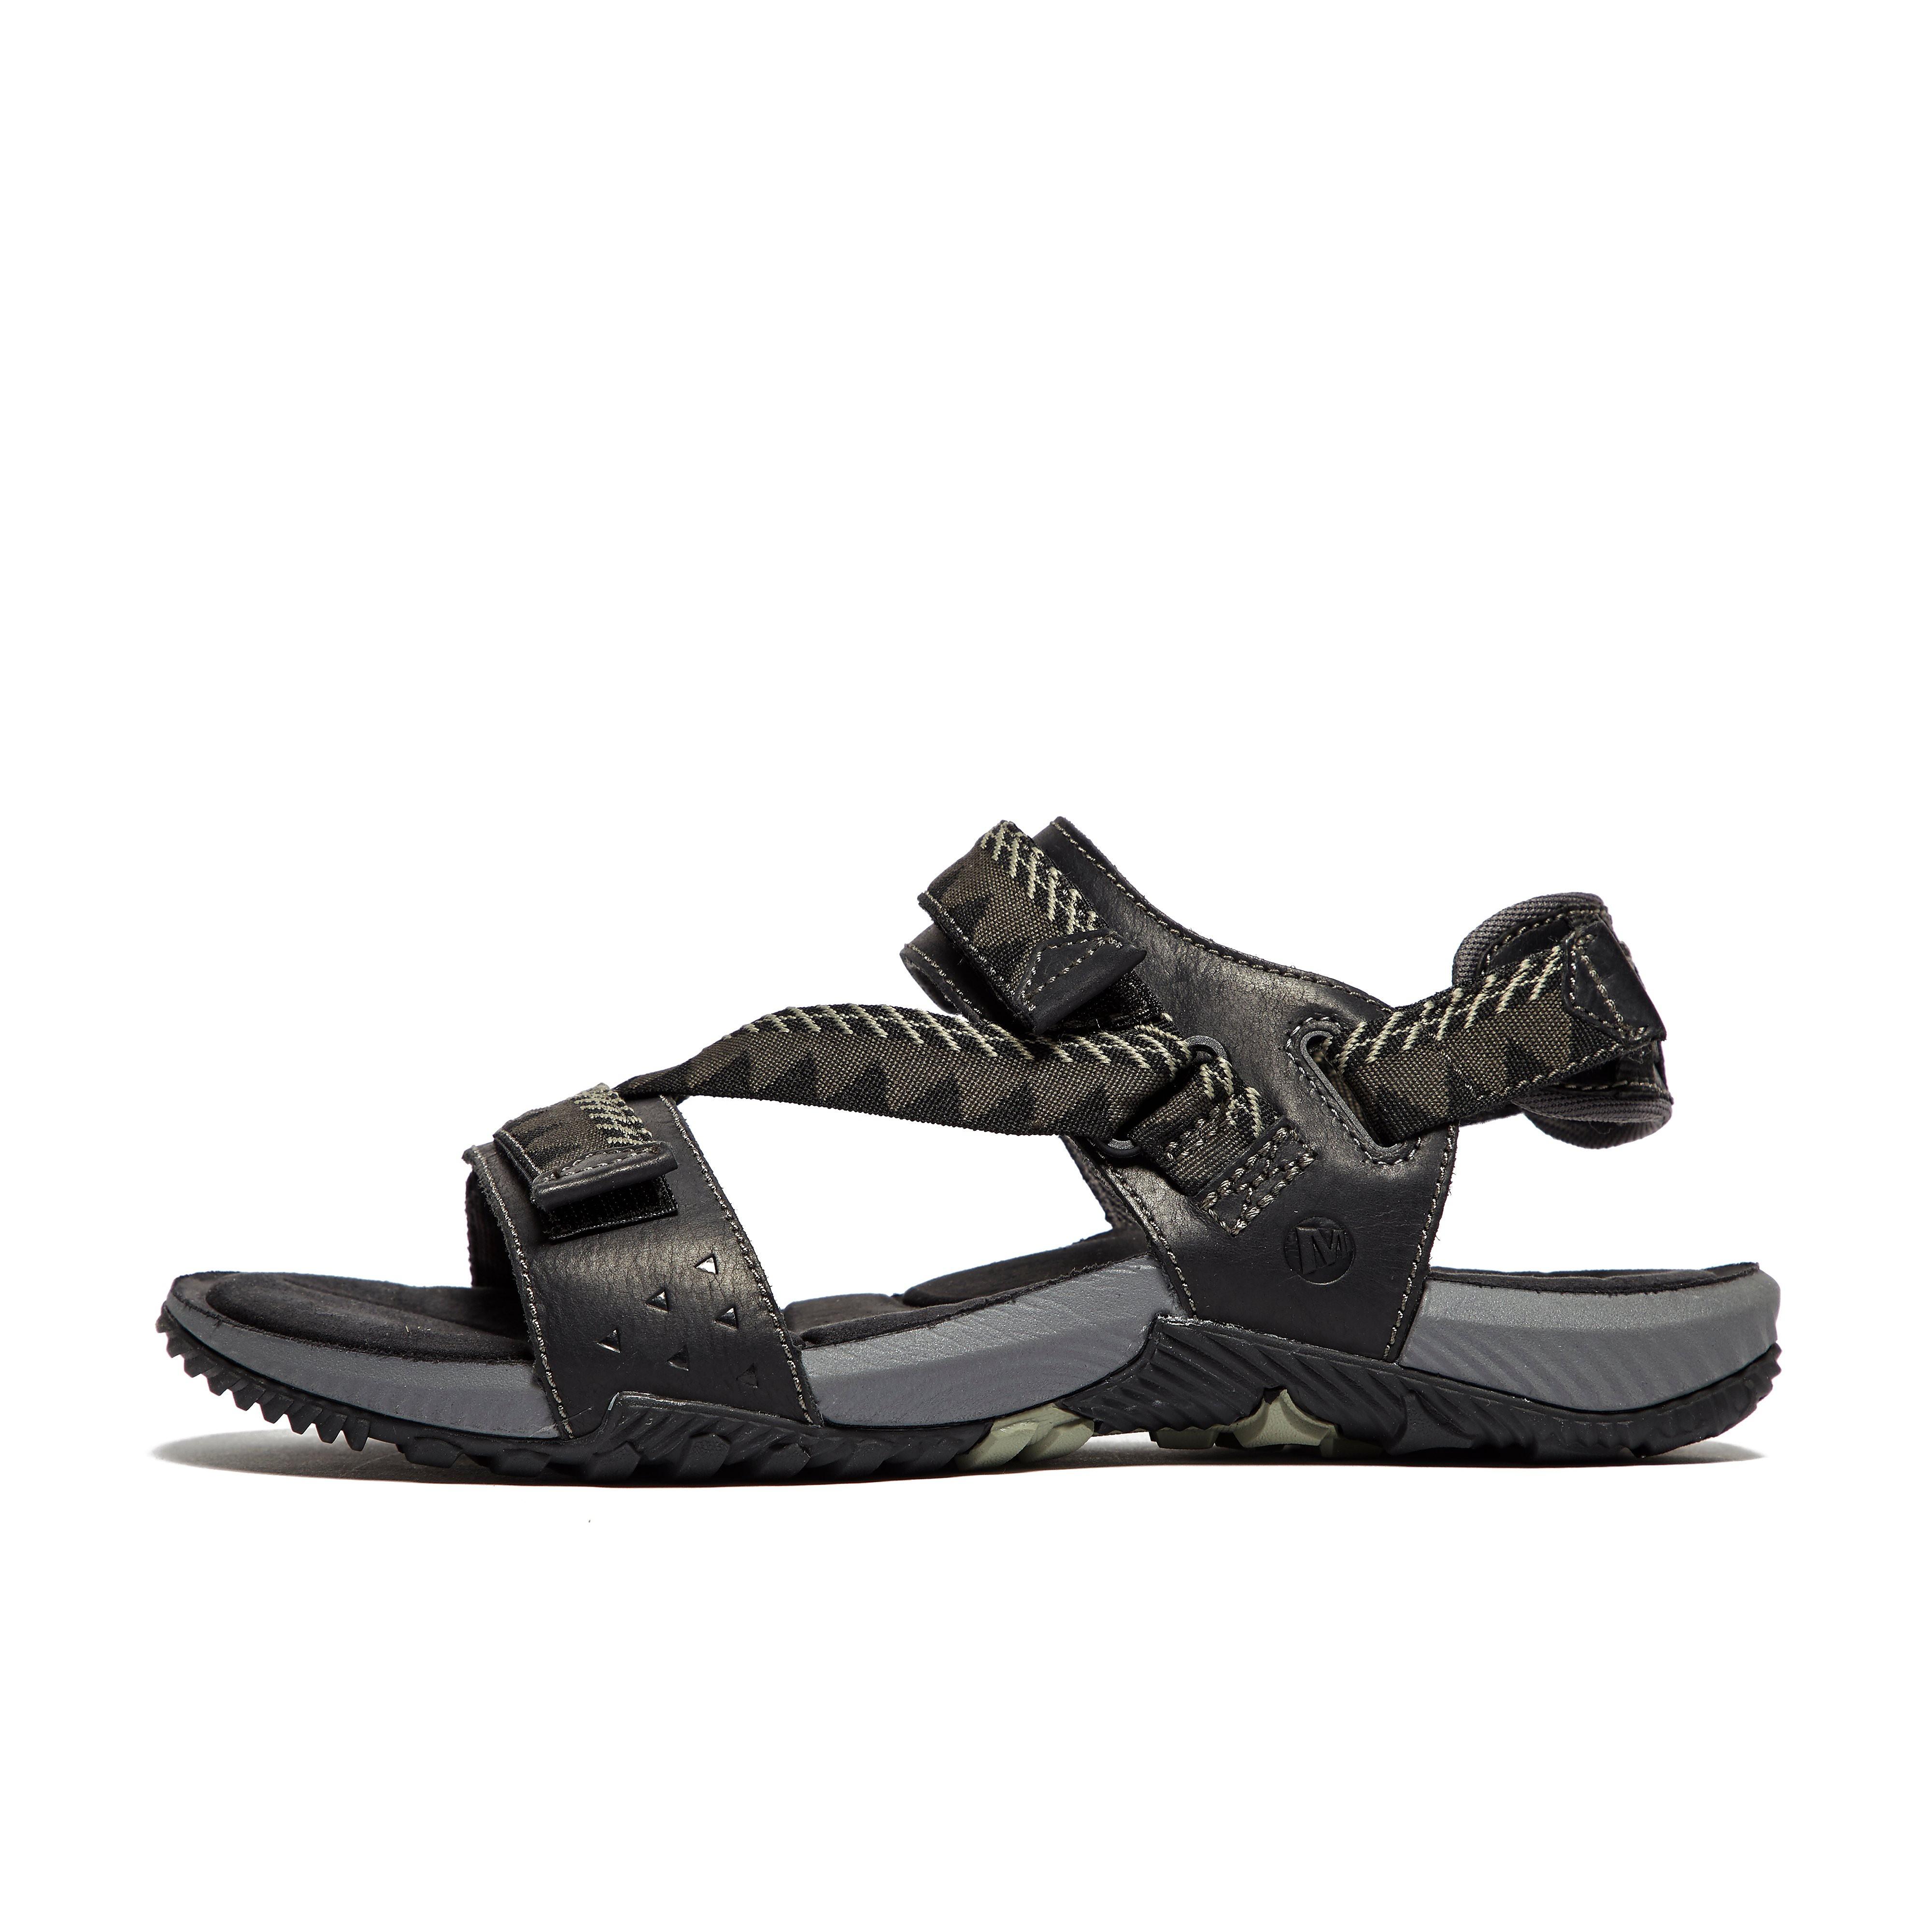 Merrell Terrant Convertible Men's Walking Sandal